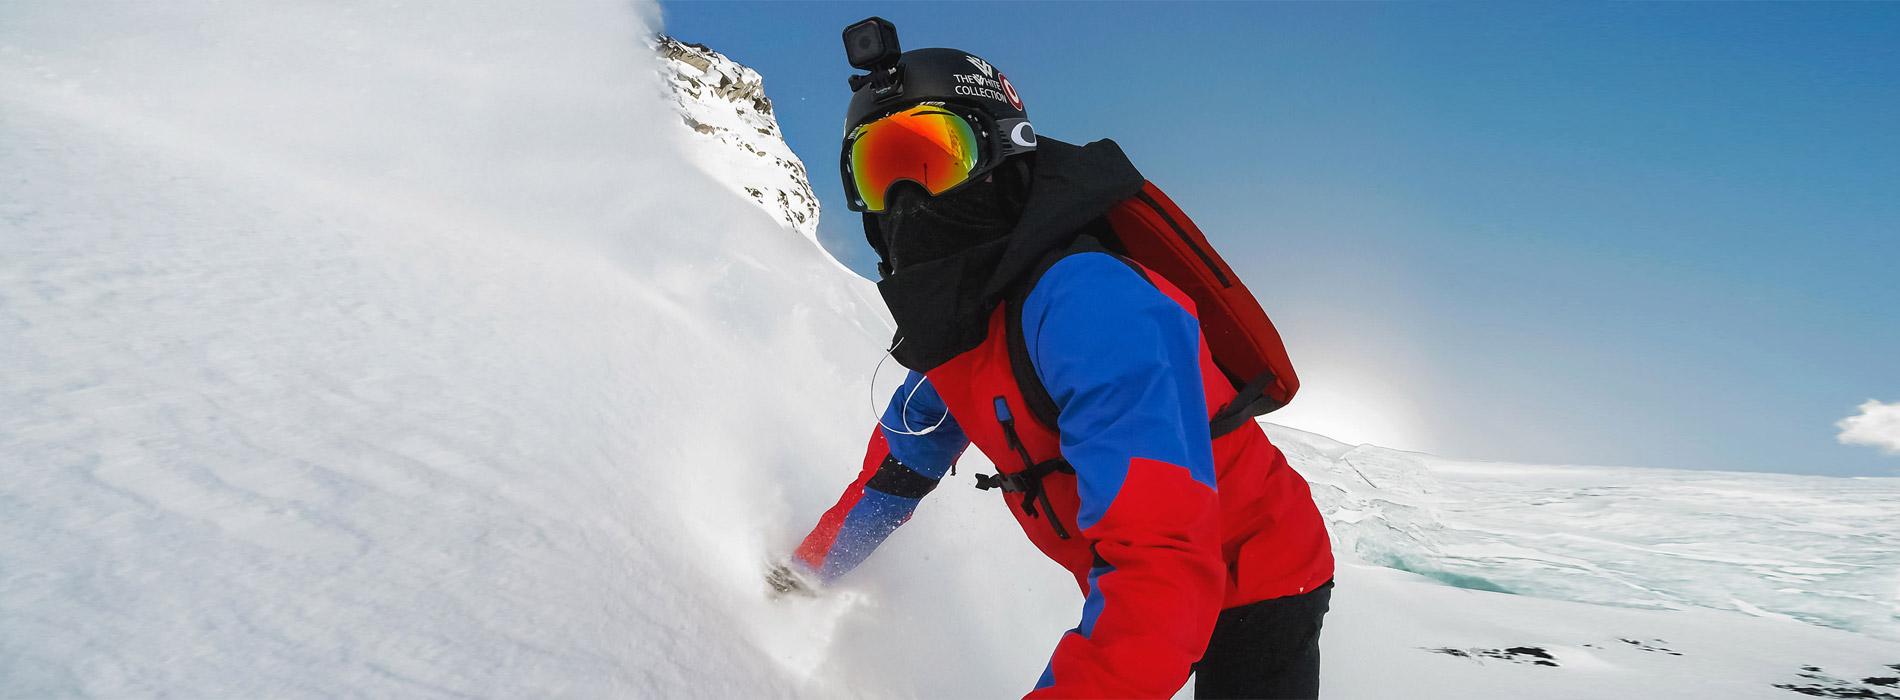 noleggio_sci_snowboard_cortina_d_ampezzo_sci-016